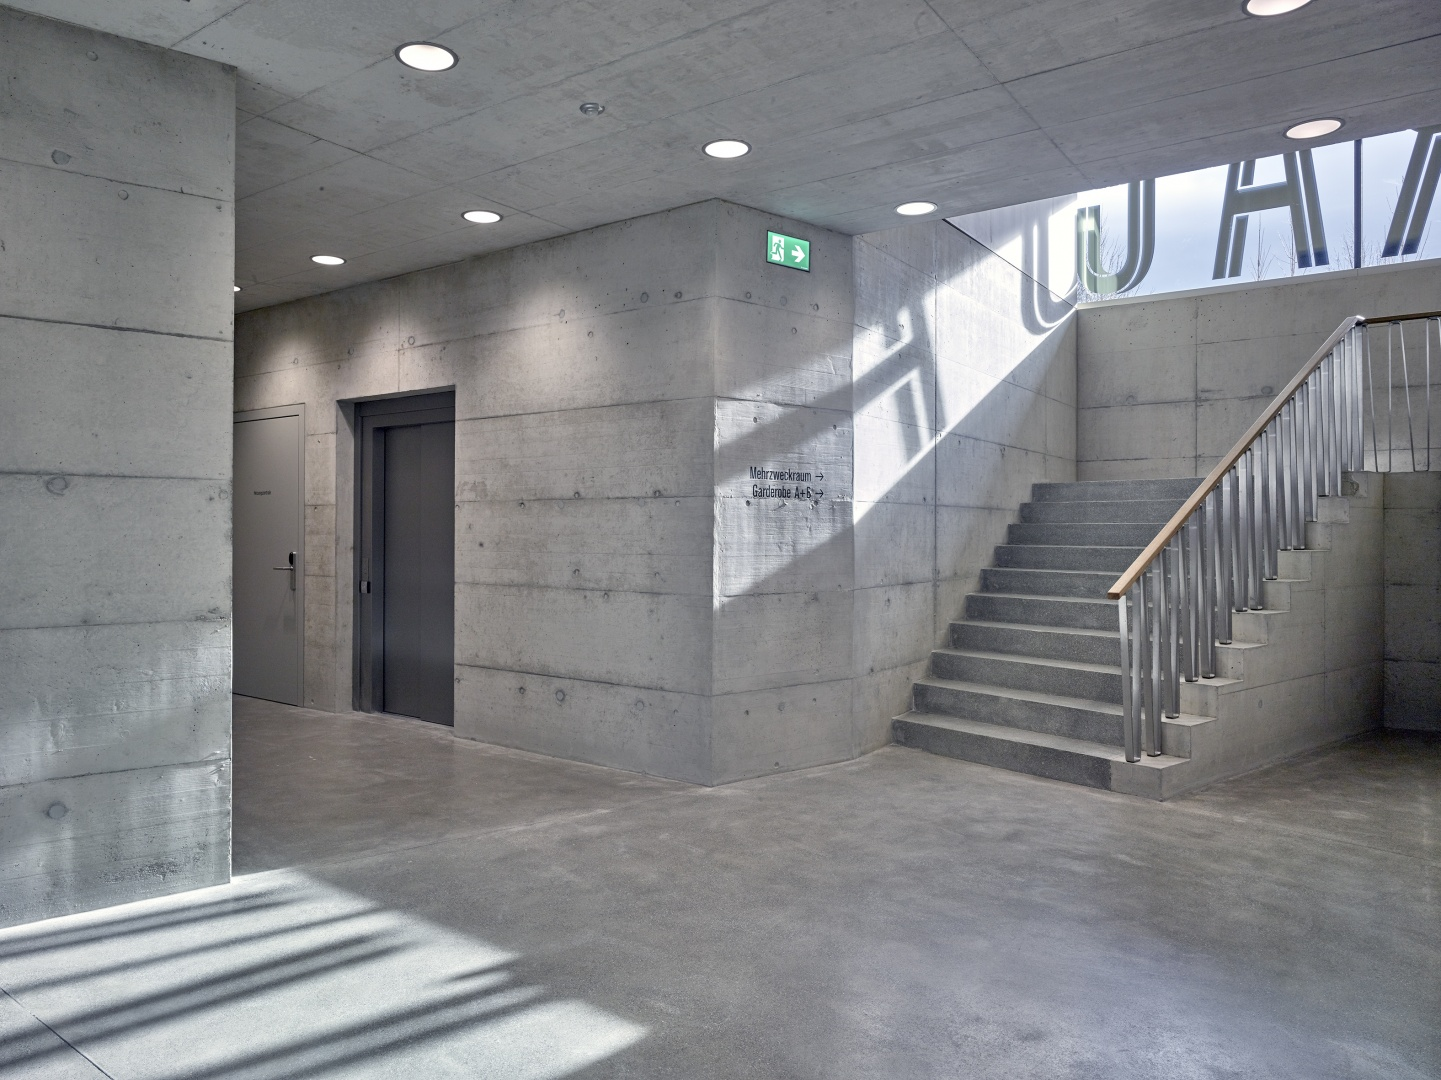 Treppenaufgang © Arnold Kohler Fotografie, Rudolfstrasse 24, 8400 Winterthur